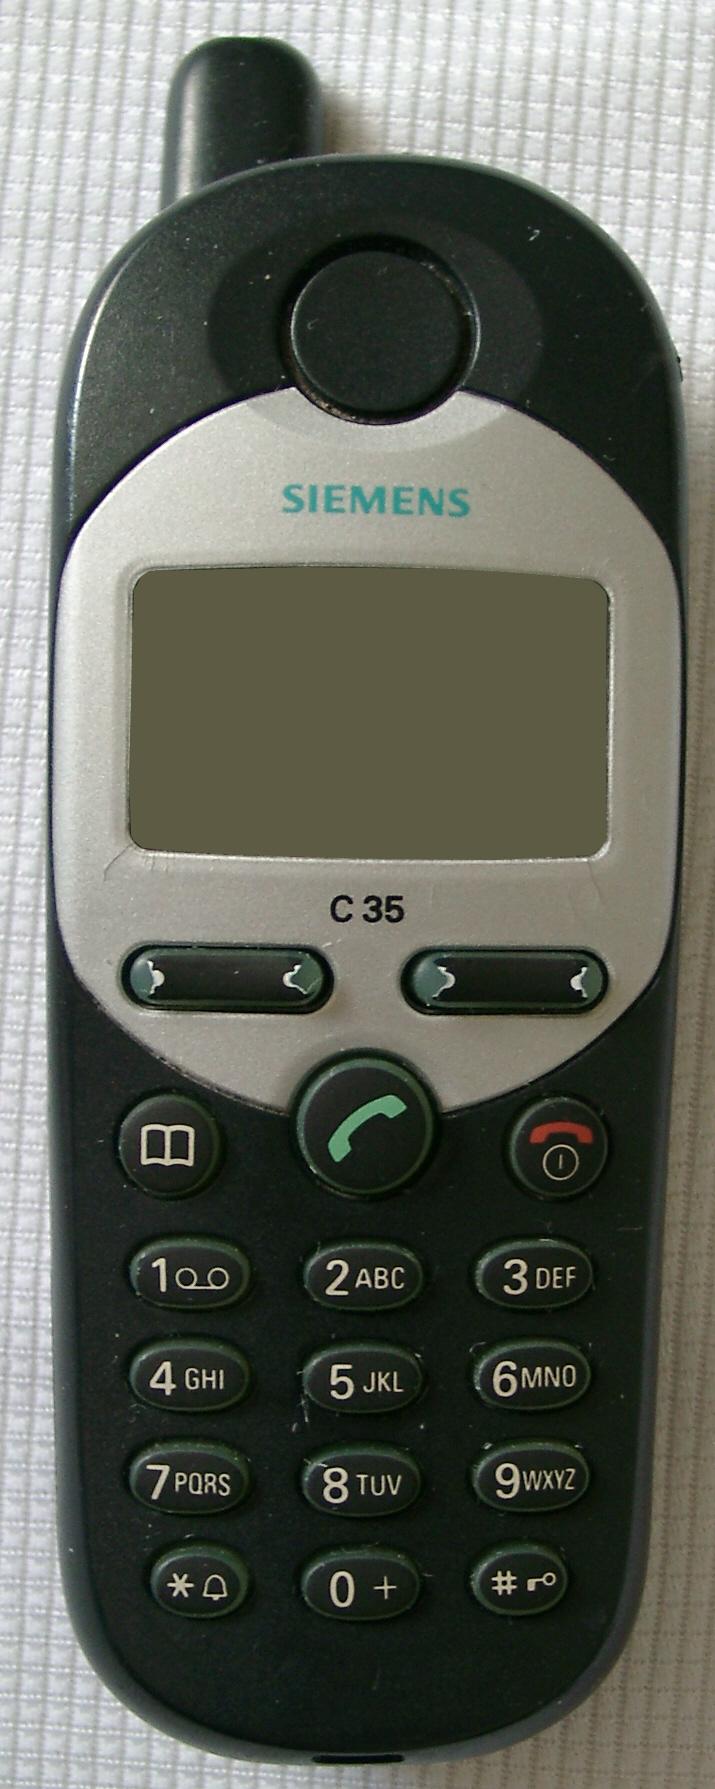 Сотовые телефоны Siemens — Википедия